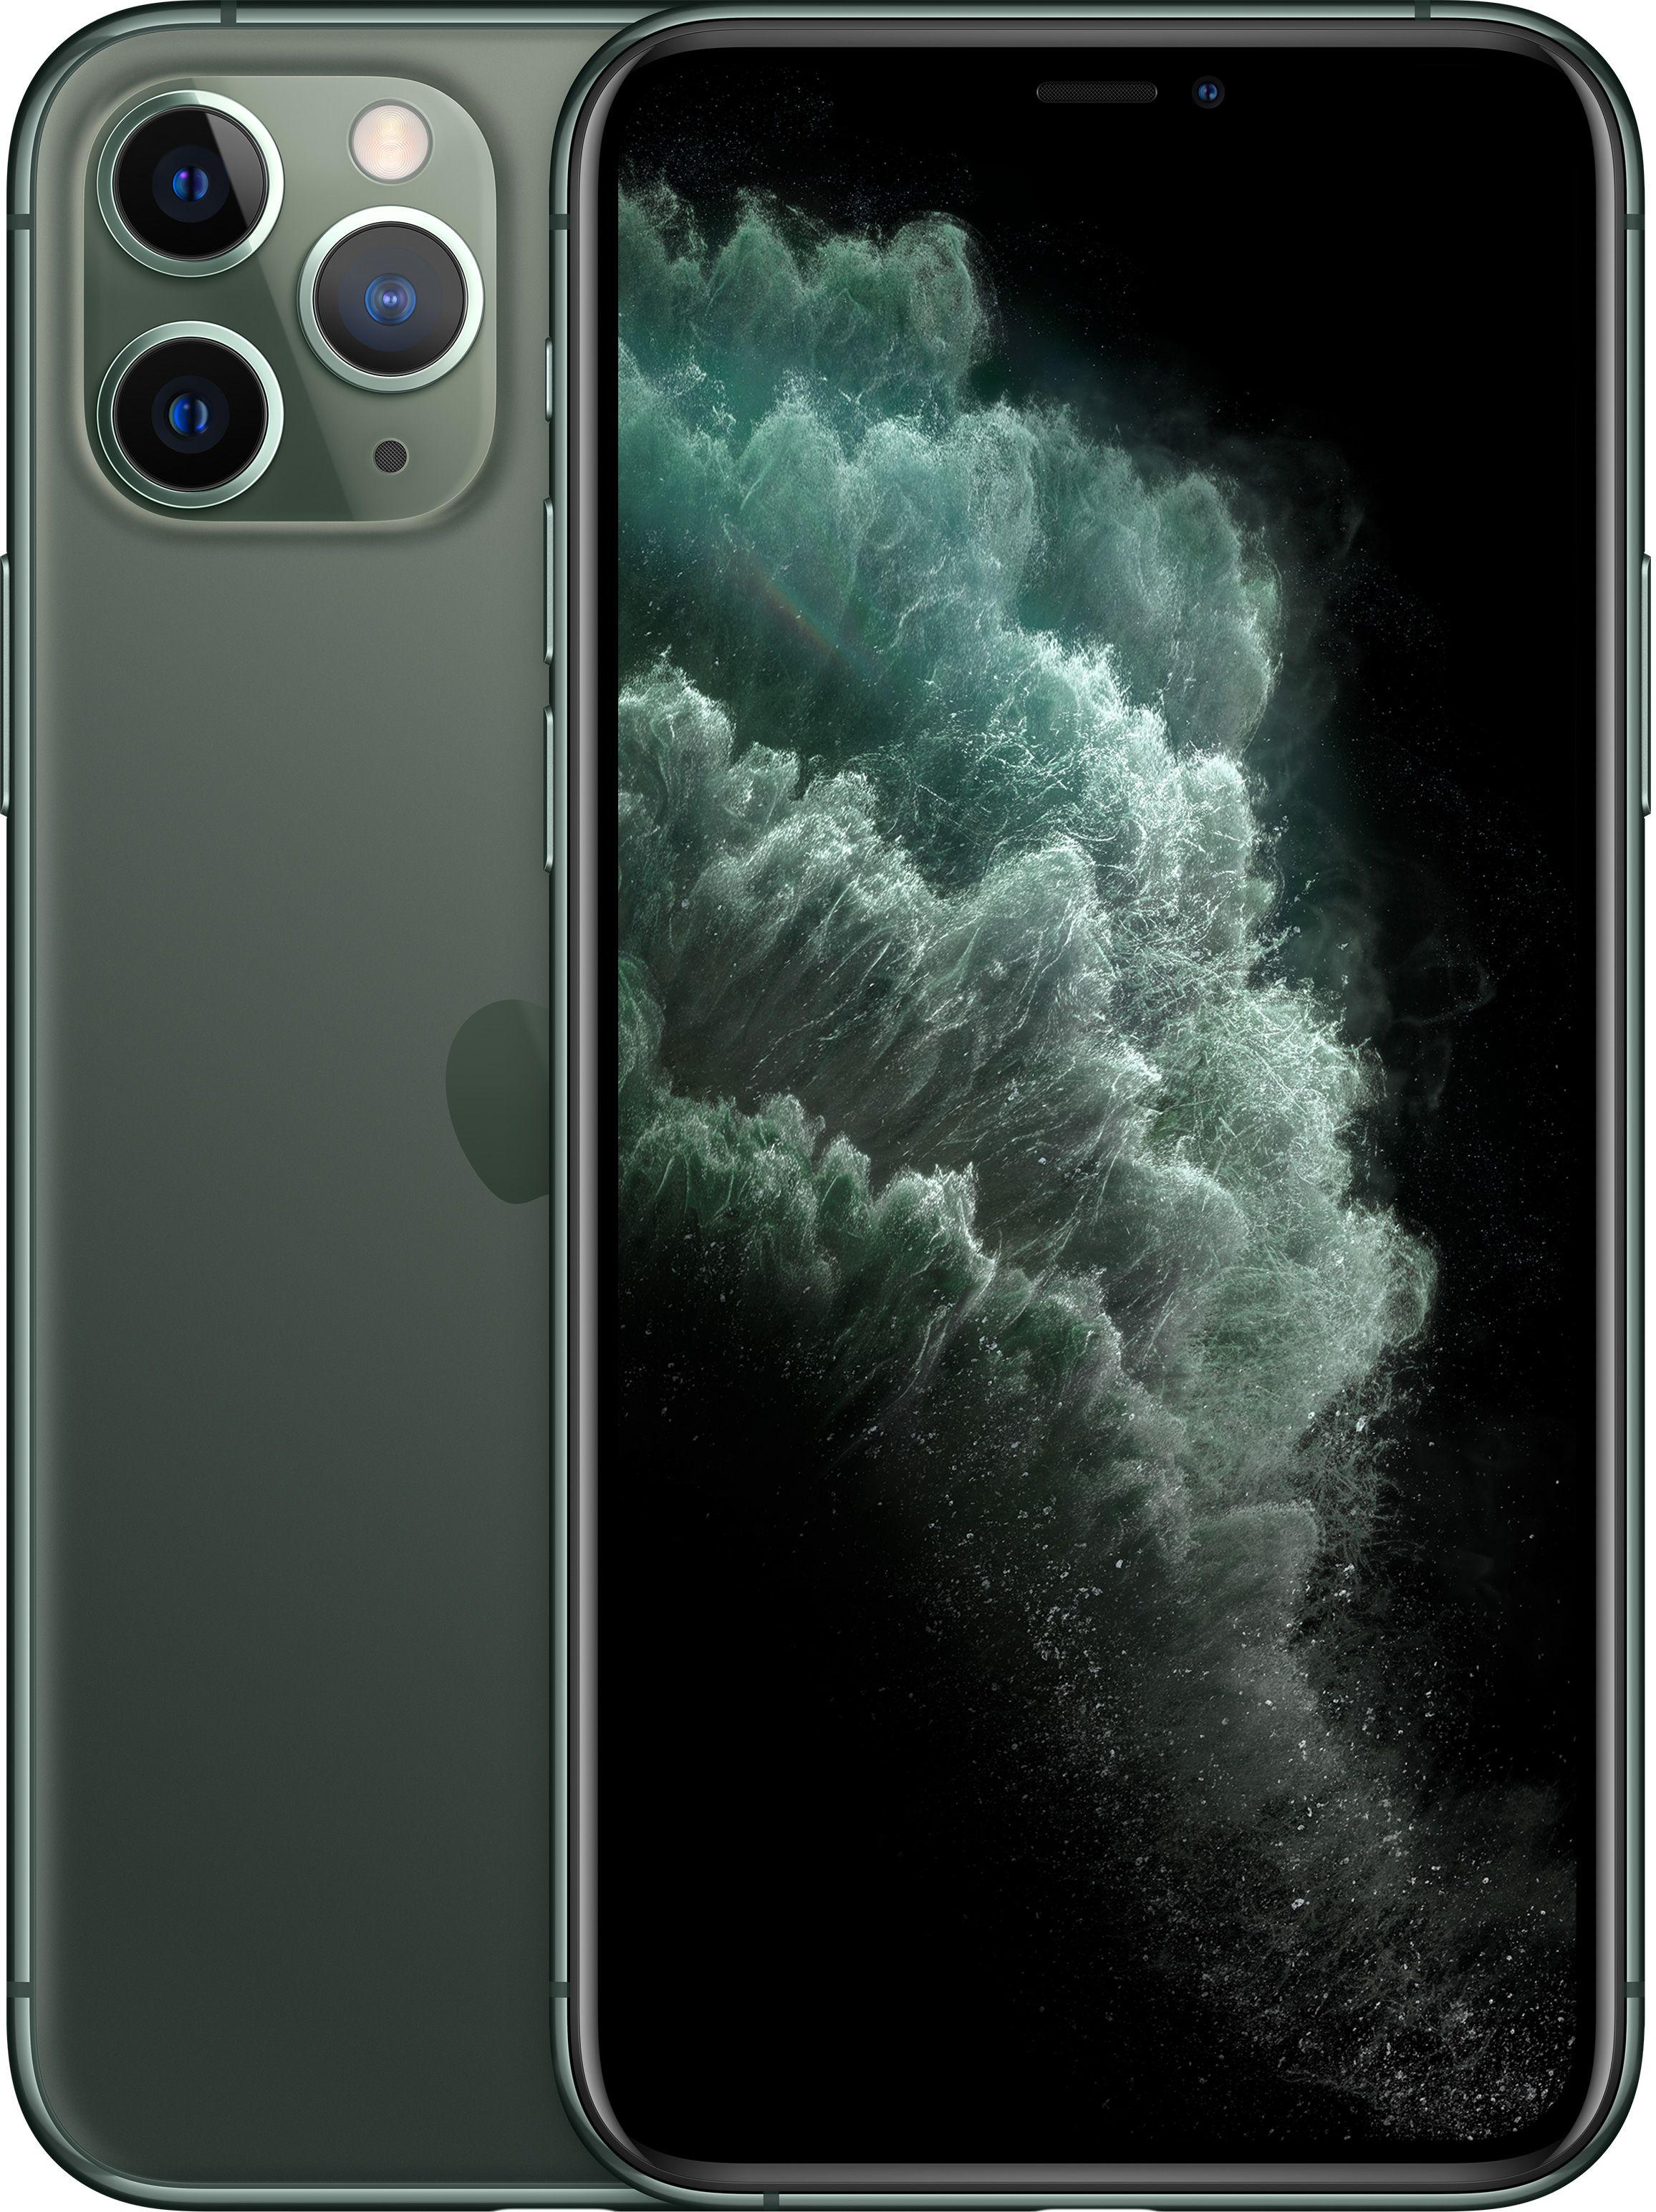 Мобильный телефон Apple iPhone 11 Pro Max 256GB (темно-зеленый) фото